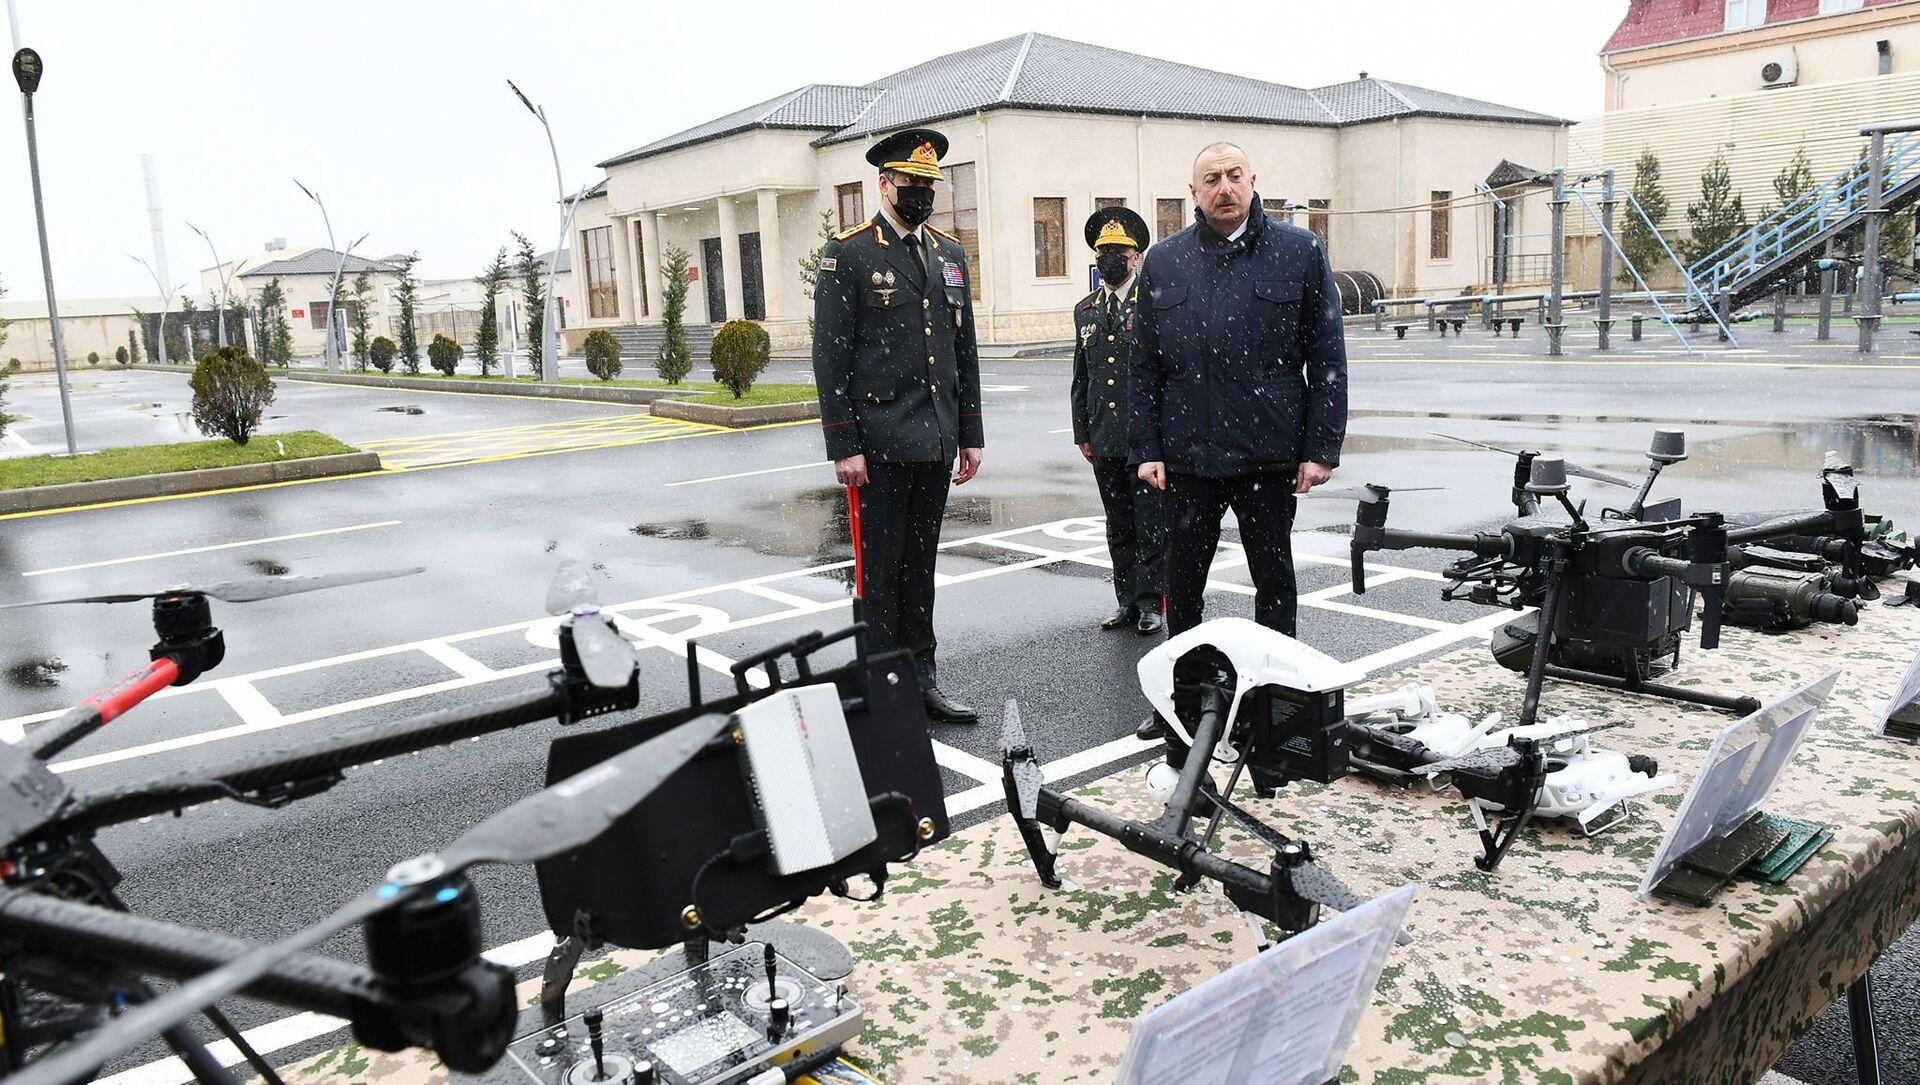 Президент Ильхам Алиев принял участие в открытии новопостроенной N-ской воинской части Внутренних войск - Sputnik Азербайджан, 1920, 12.03.2021